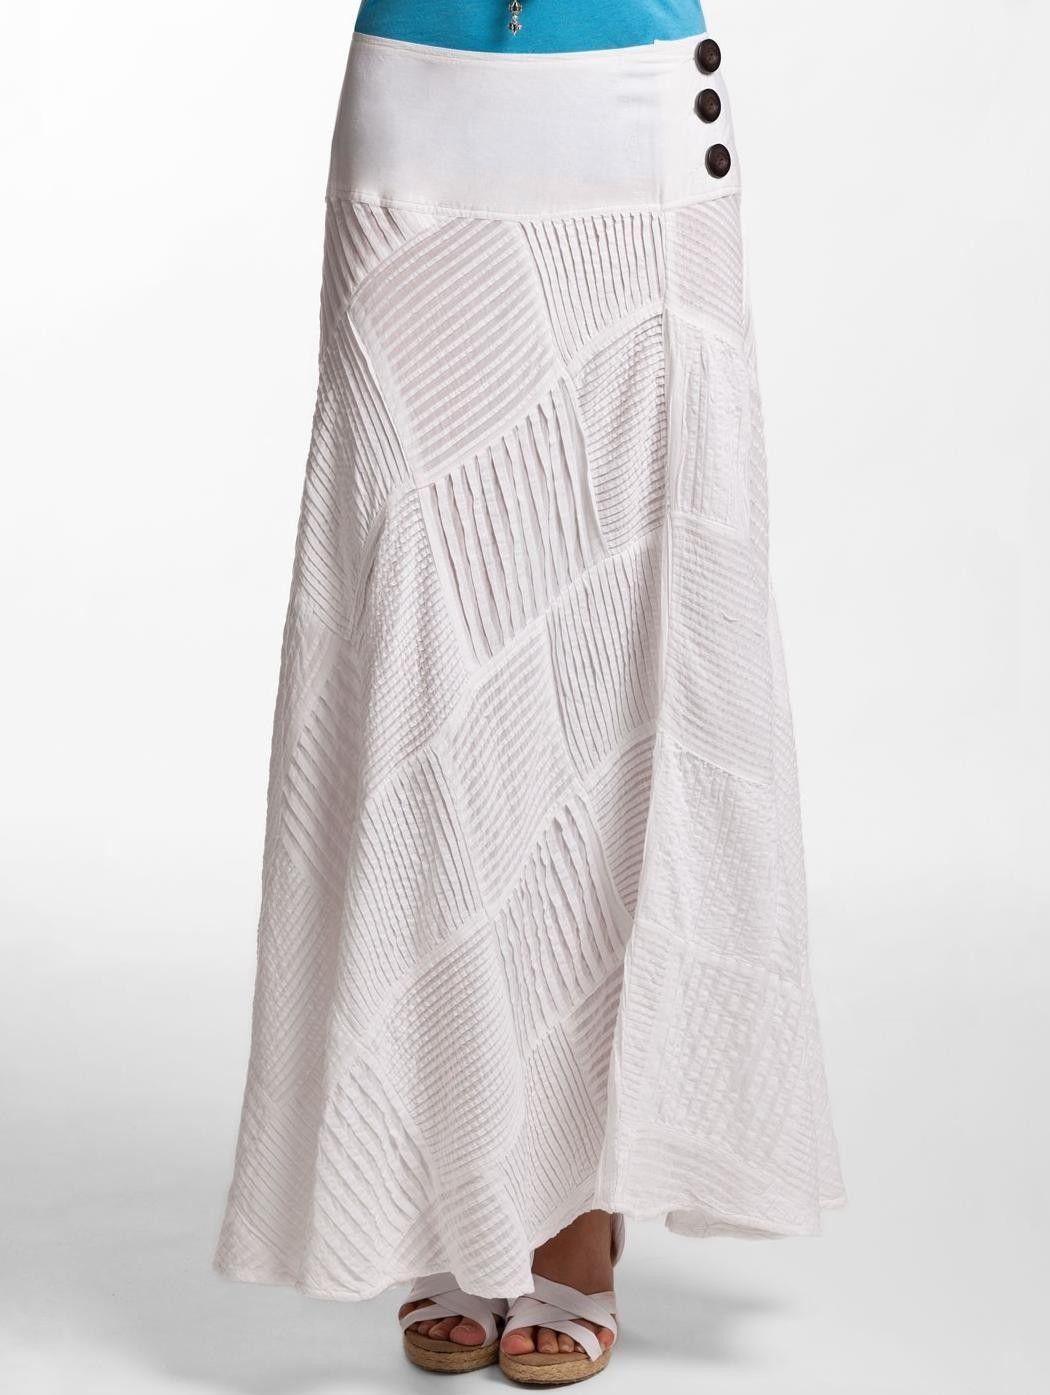 Beach Resort Wear For Women Slumber Skirt Long